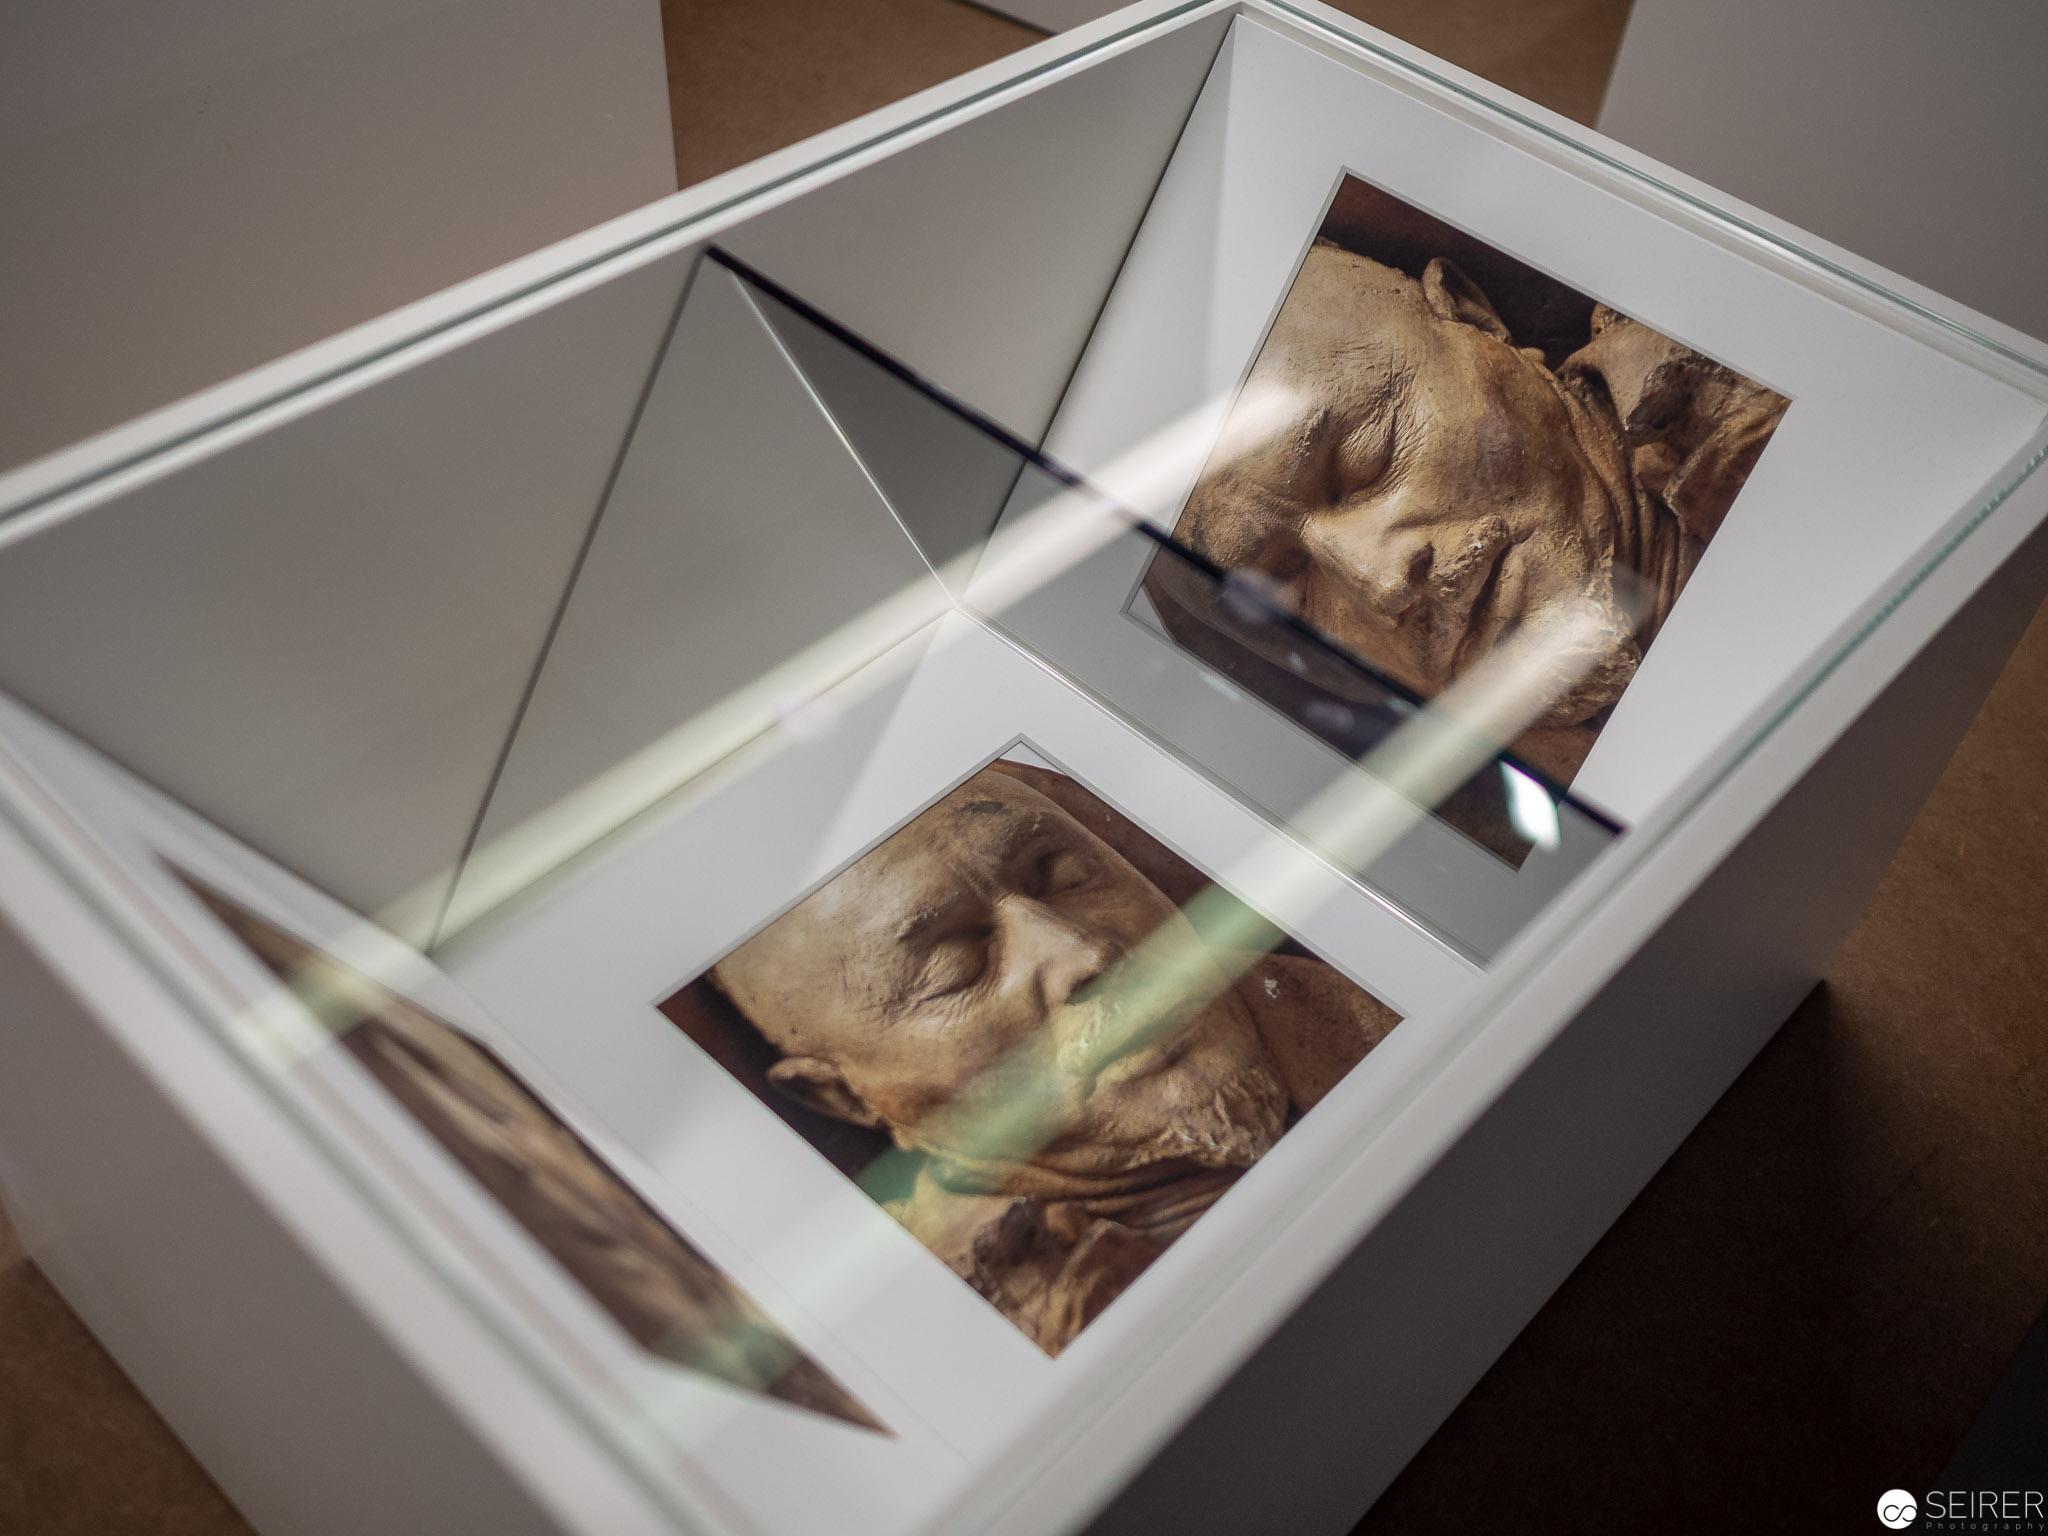 Anna Artaker, GESCHICHTE, 2010, Courtesy: Leihgabe der Künstlerin